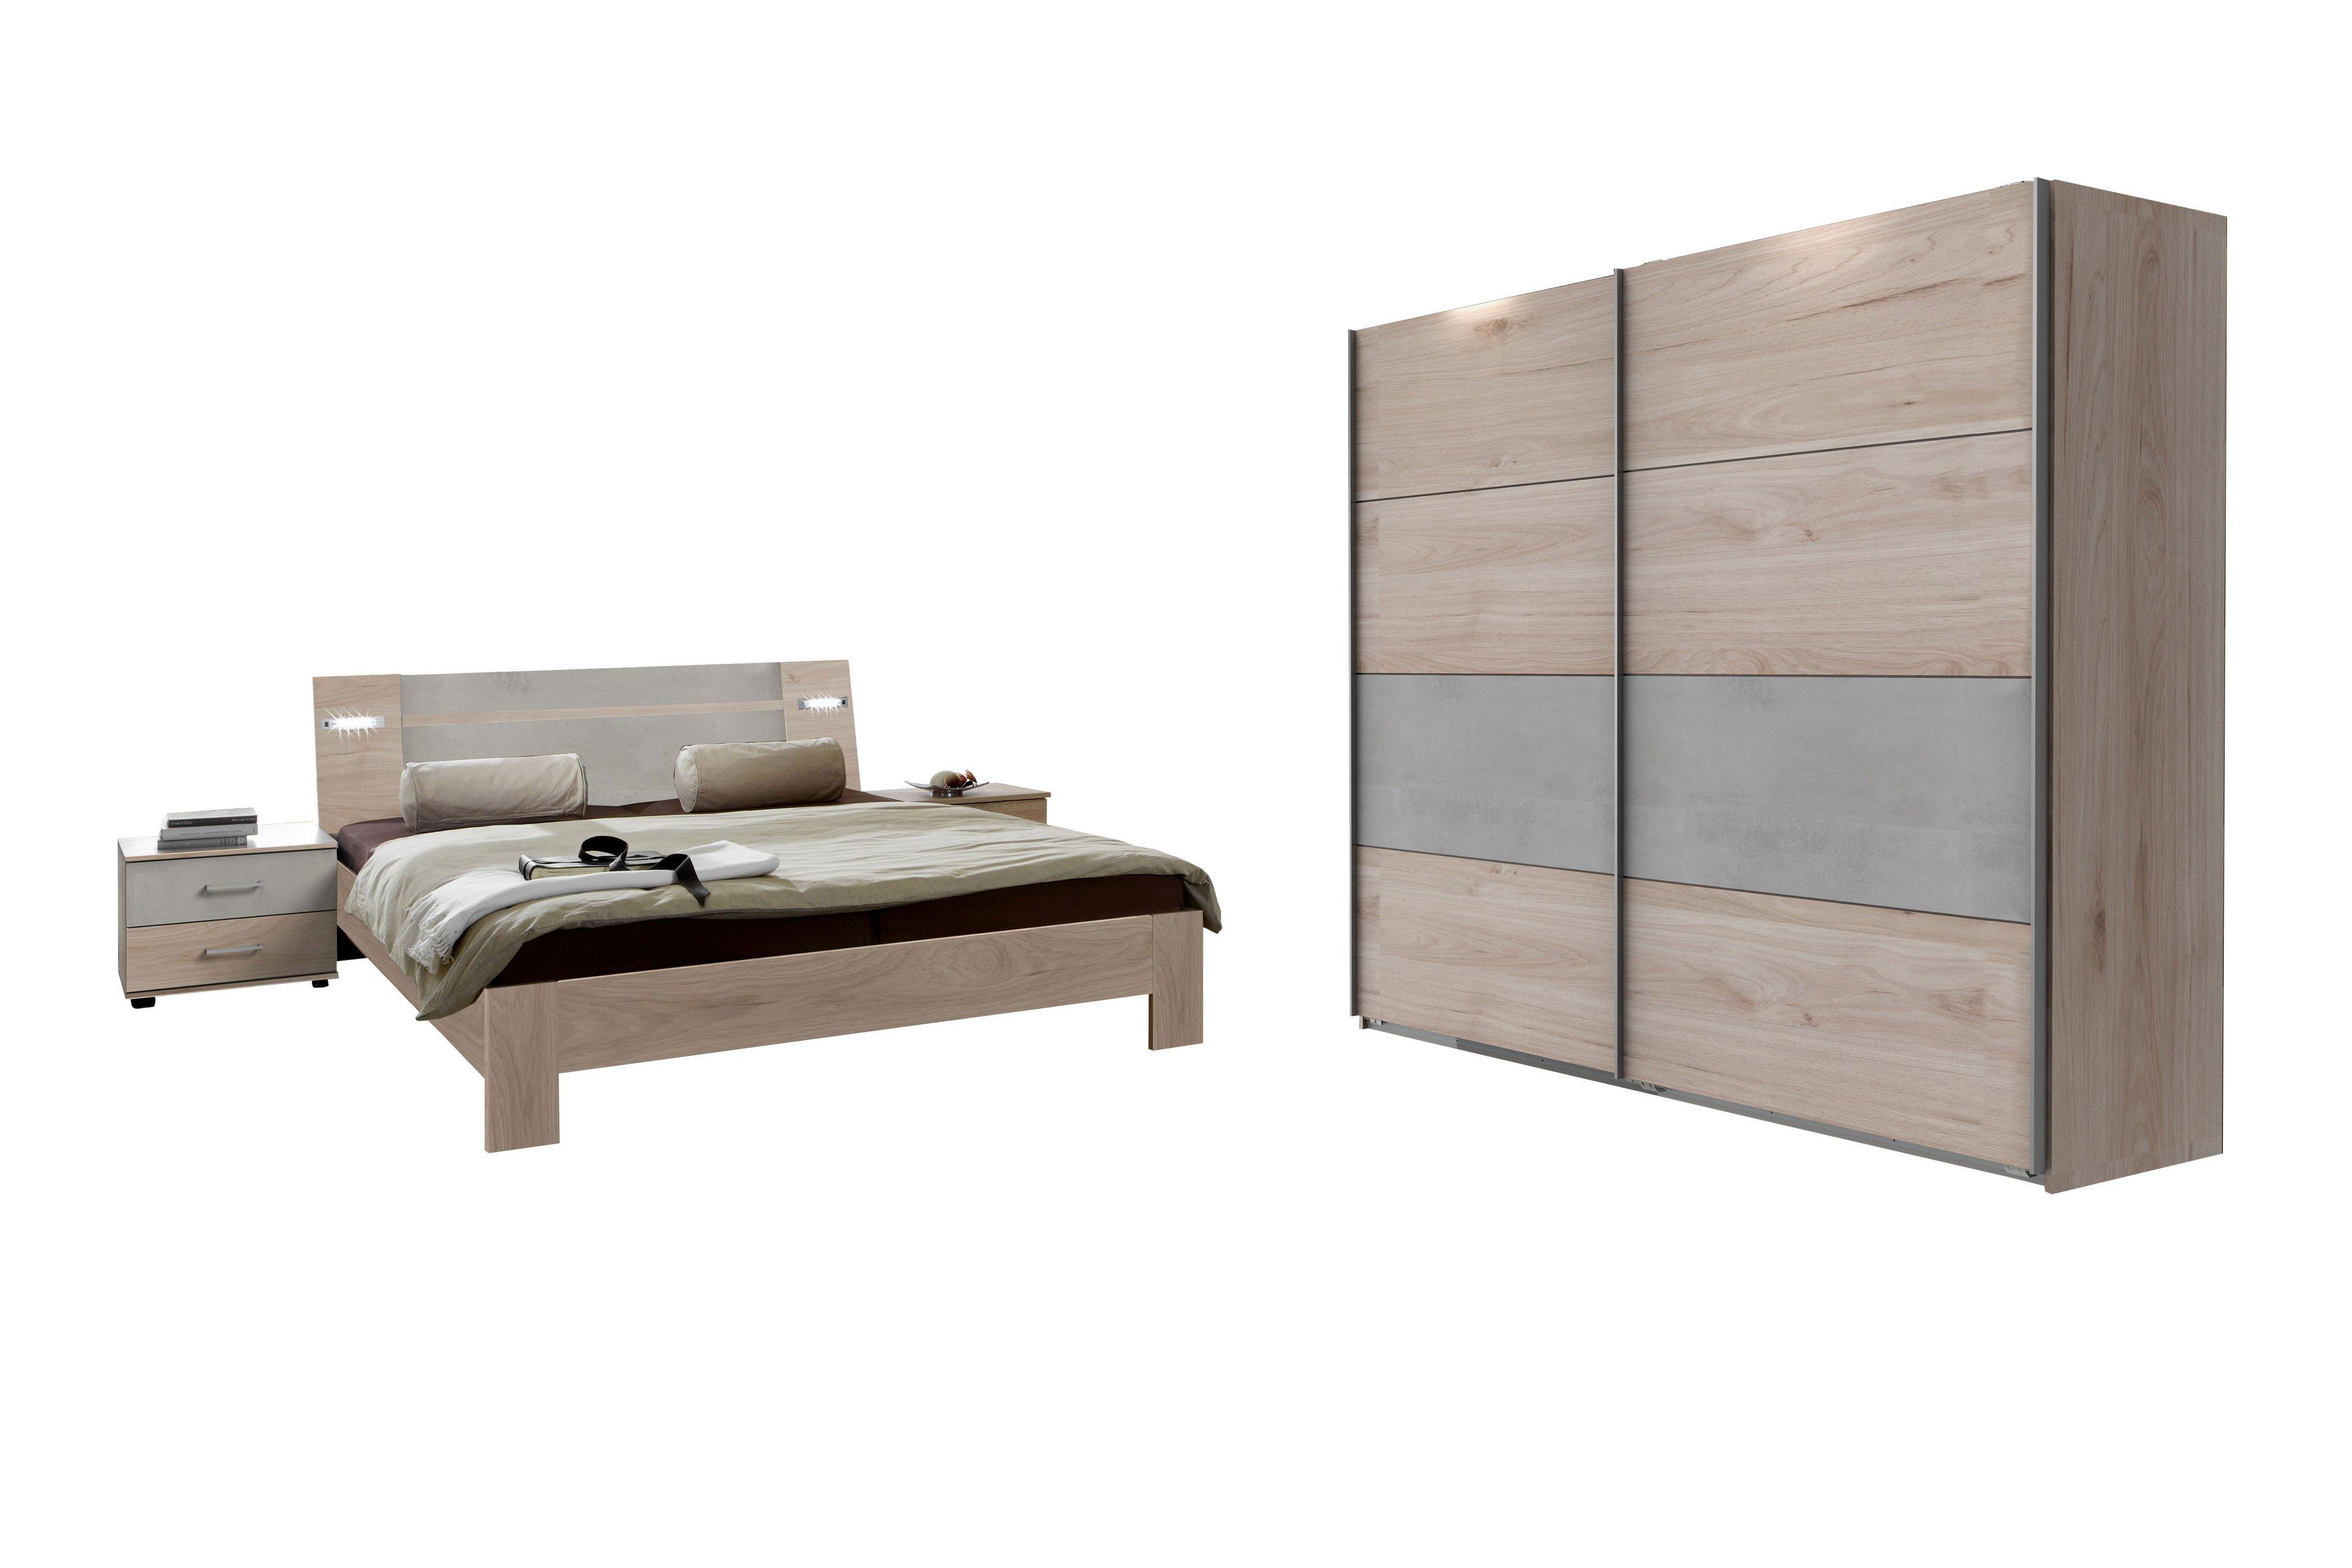 Neapel von wimex schlafzimmer set hickory oak lichtgrau